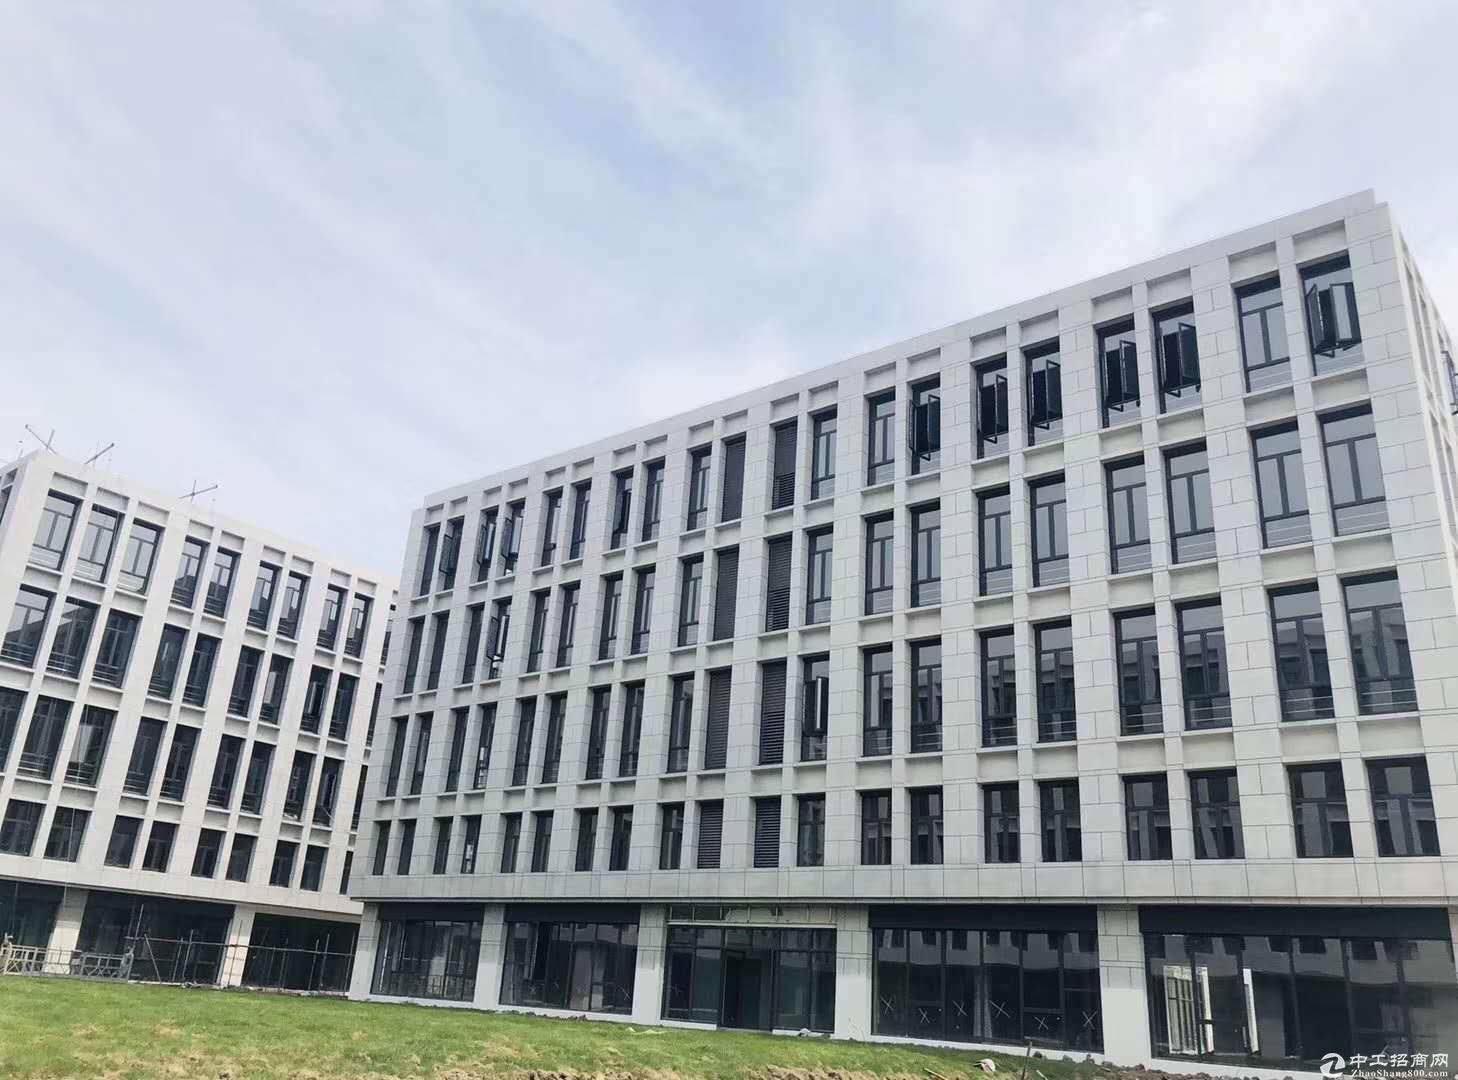 联东U 谷常州园区盛大招商,50年产权厂房可按揭-图3